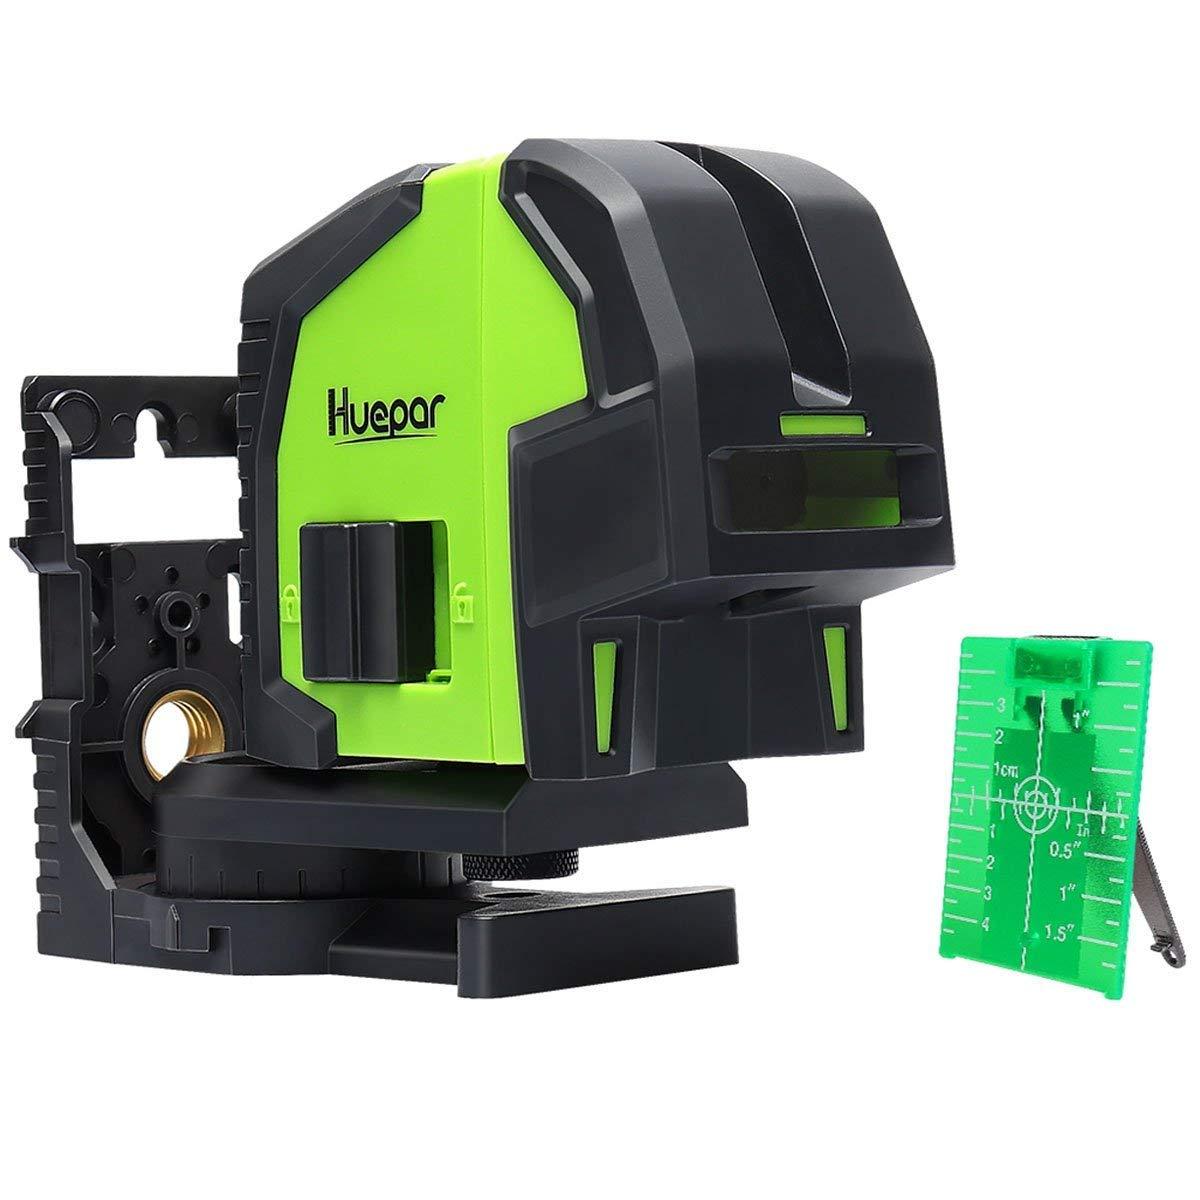 Huepar 8300G Niveau Laser avec 3 Laser Points Vert, Professionnel Niveau Laser Multipoints du Faisceaux Vert, Auto-nivellement Point d'Aplomb, Distance de Travail 60m, Support Magné tique Incluse Auto-nivellement Point d' Aplomb Levelsure